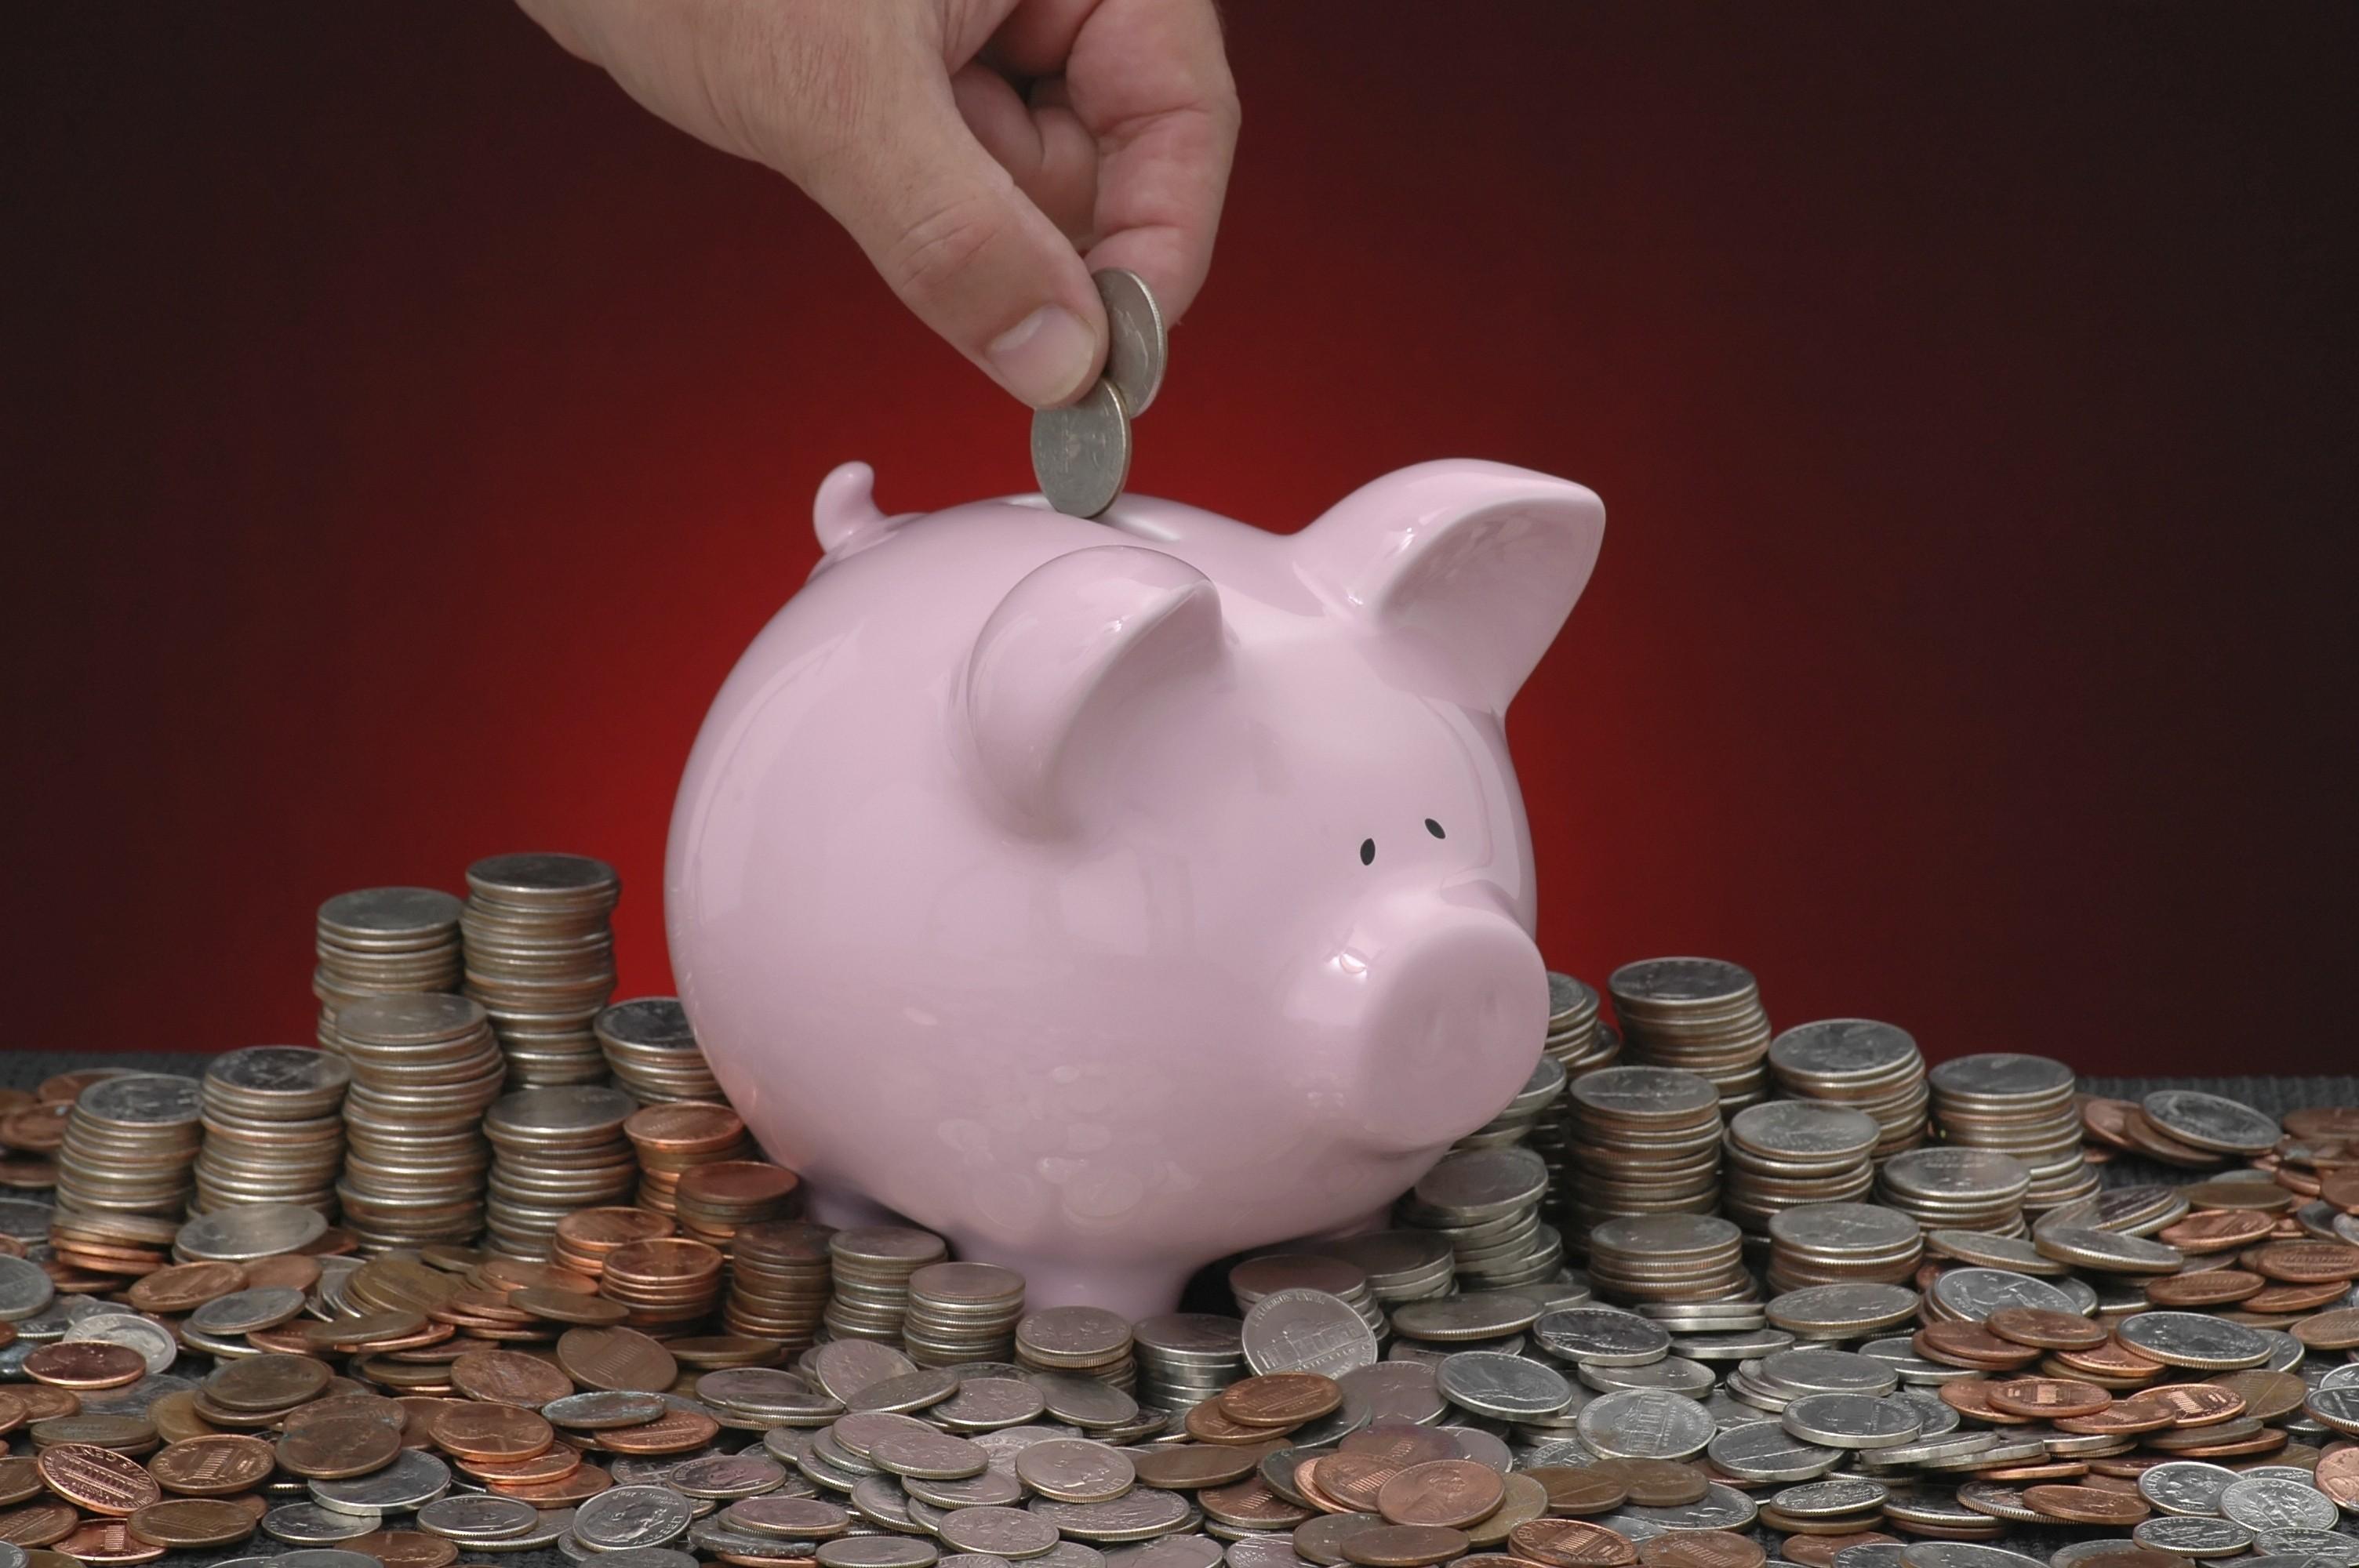 Альфа-Банк копилка снять деньги